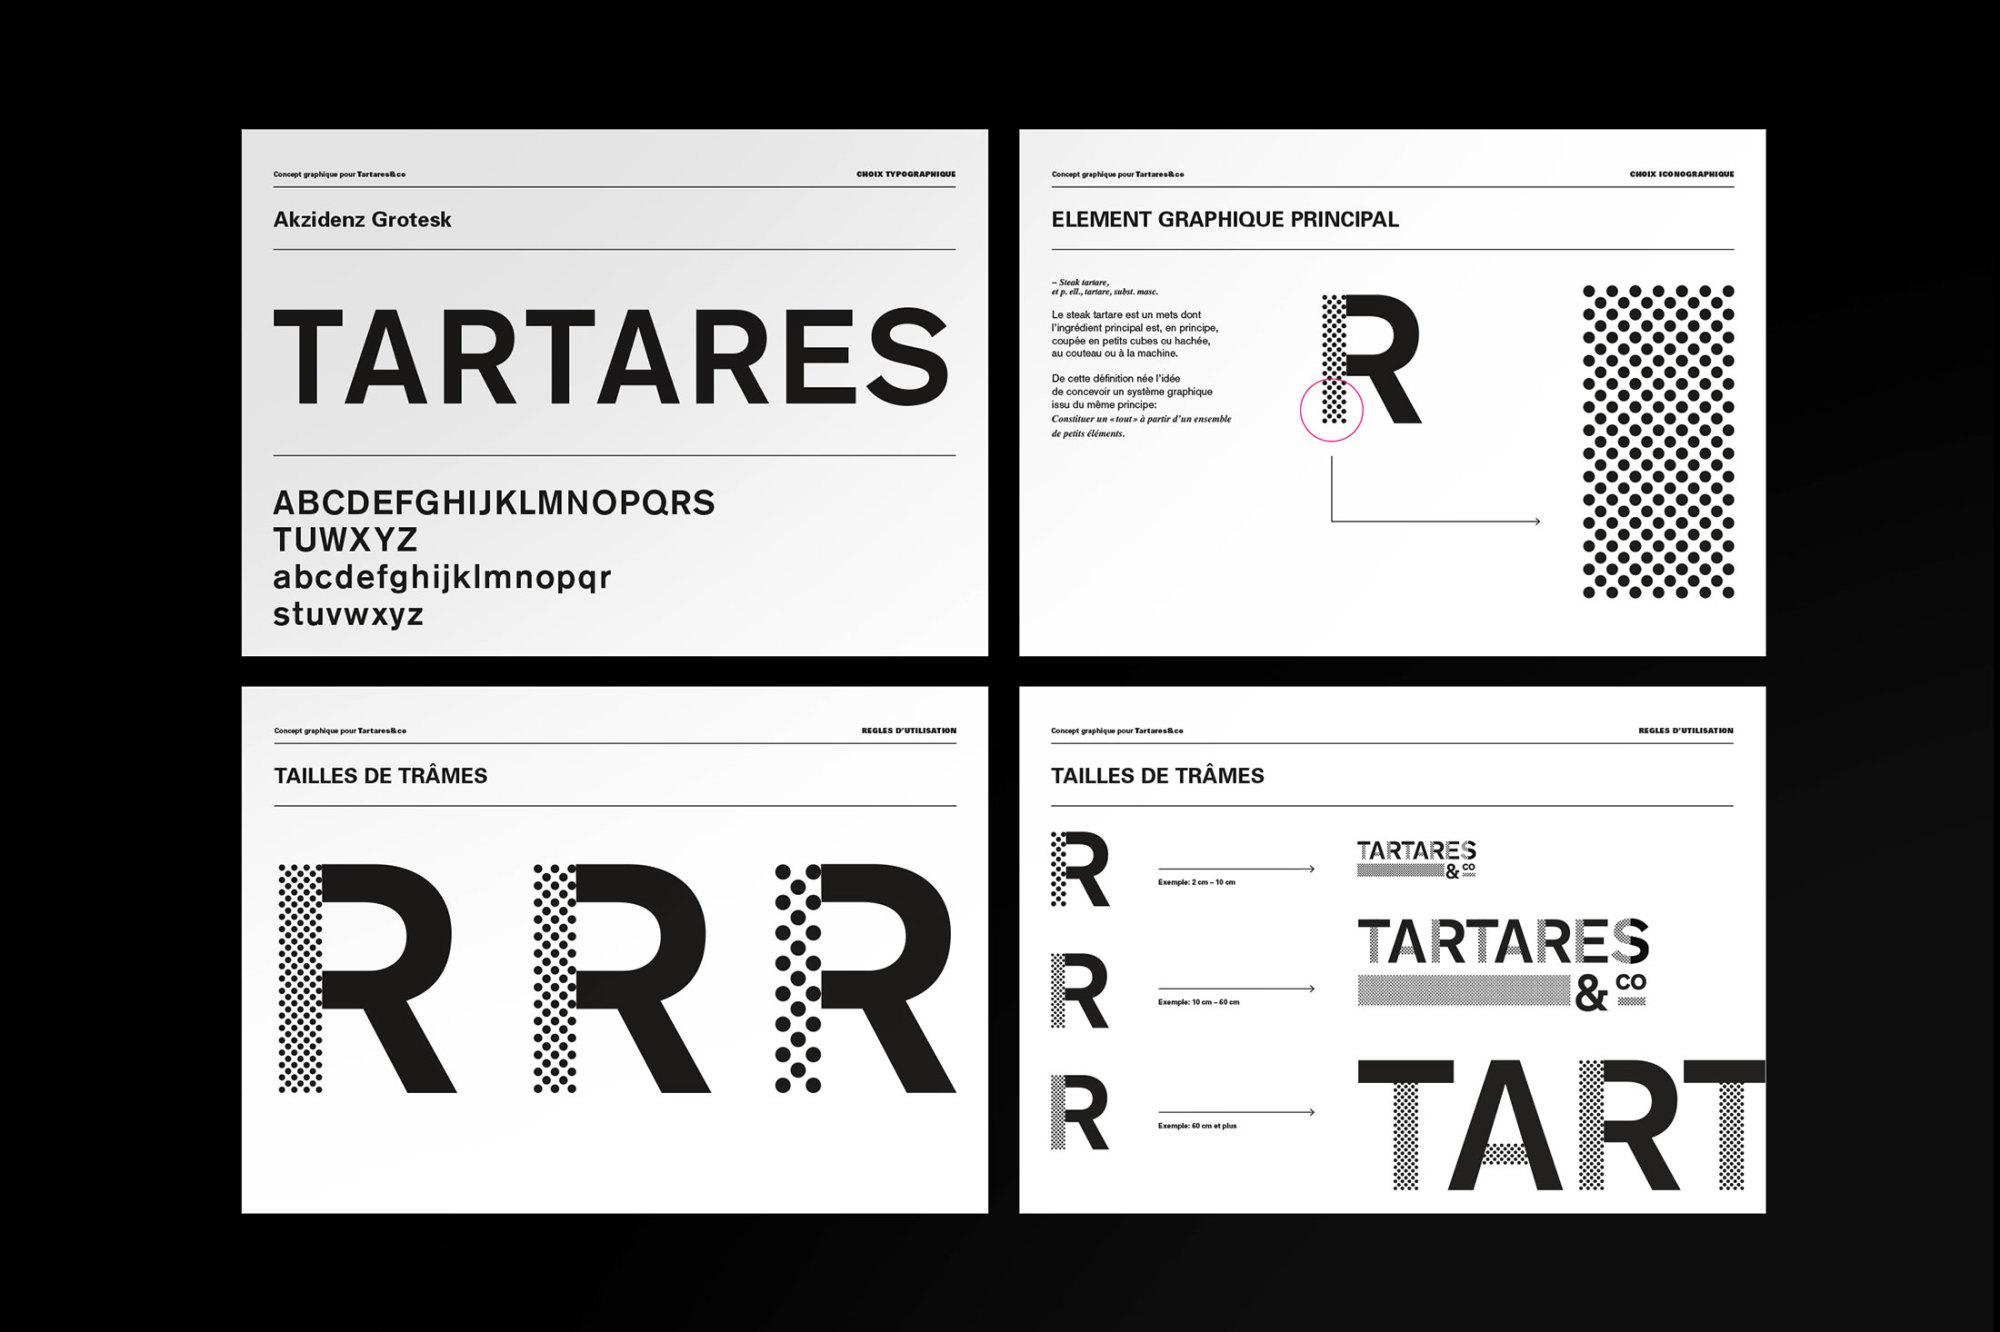 Graphisme Geneve graphic design graphique direction artistique logo identité visuelle identity branding brand  tartares & co bar restaurant grand prix 2015  layout charte graphique